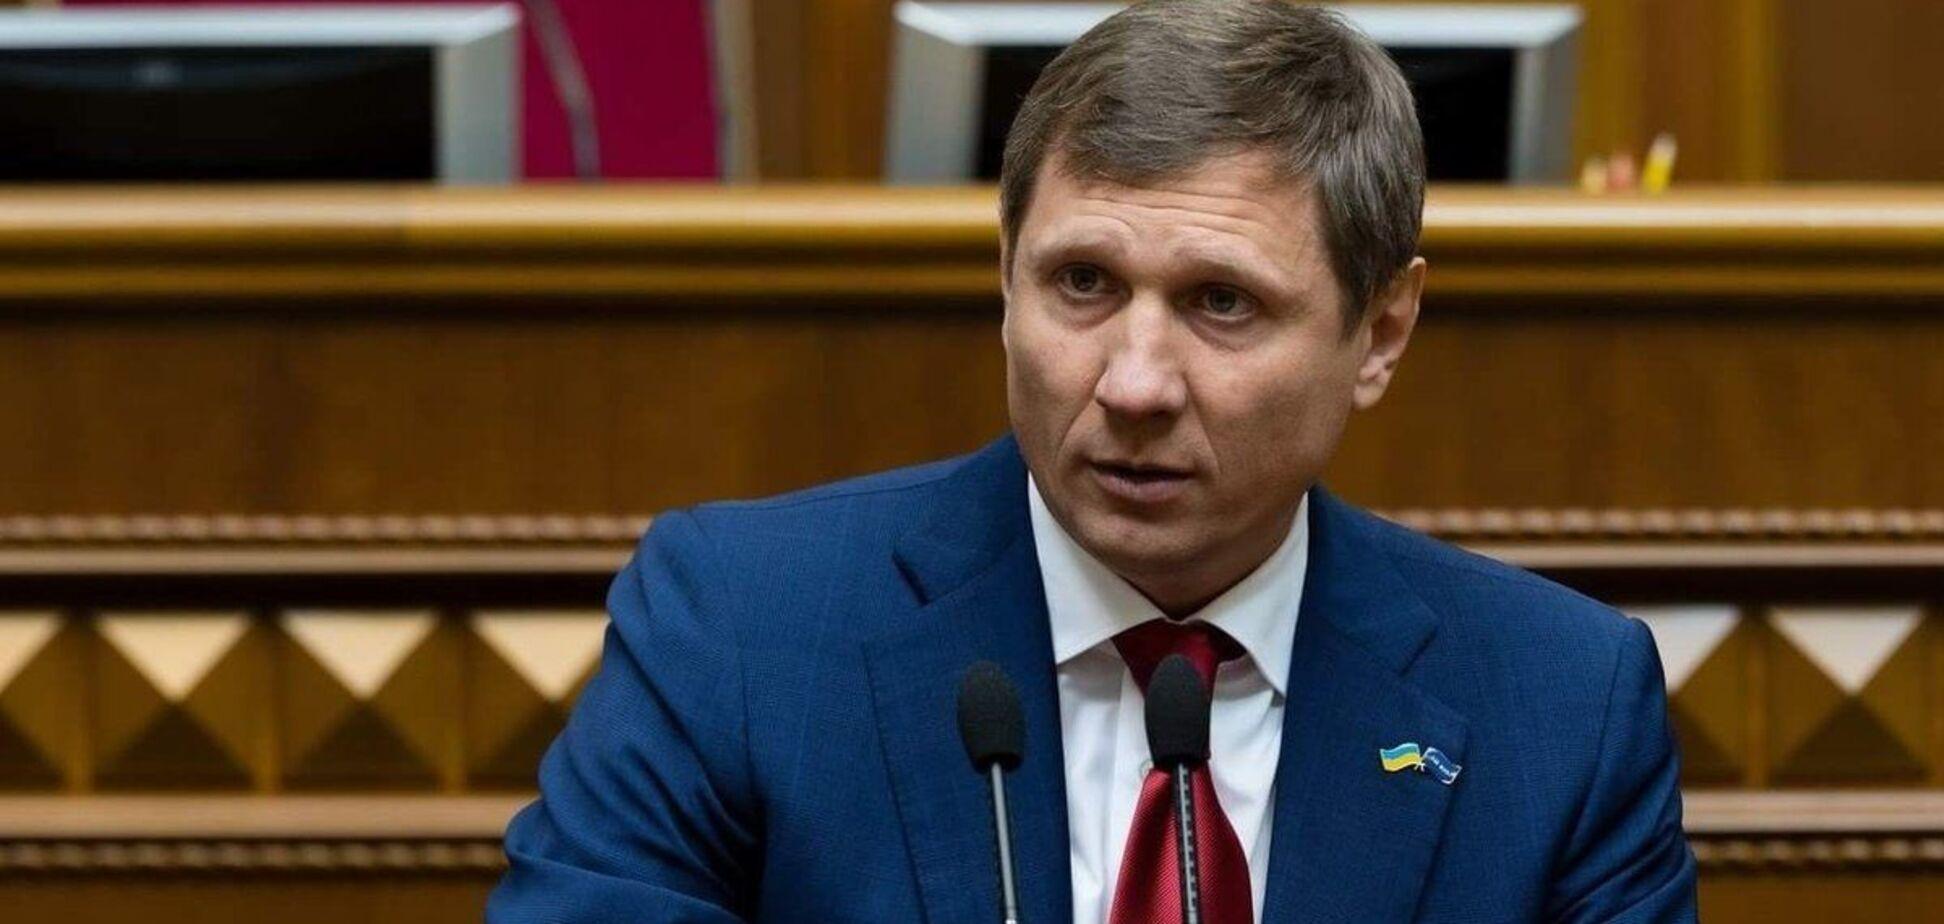 Законопроект Минэкологии по промвыбросах ударит по бизнесу, – Шахов